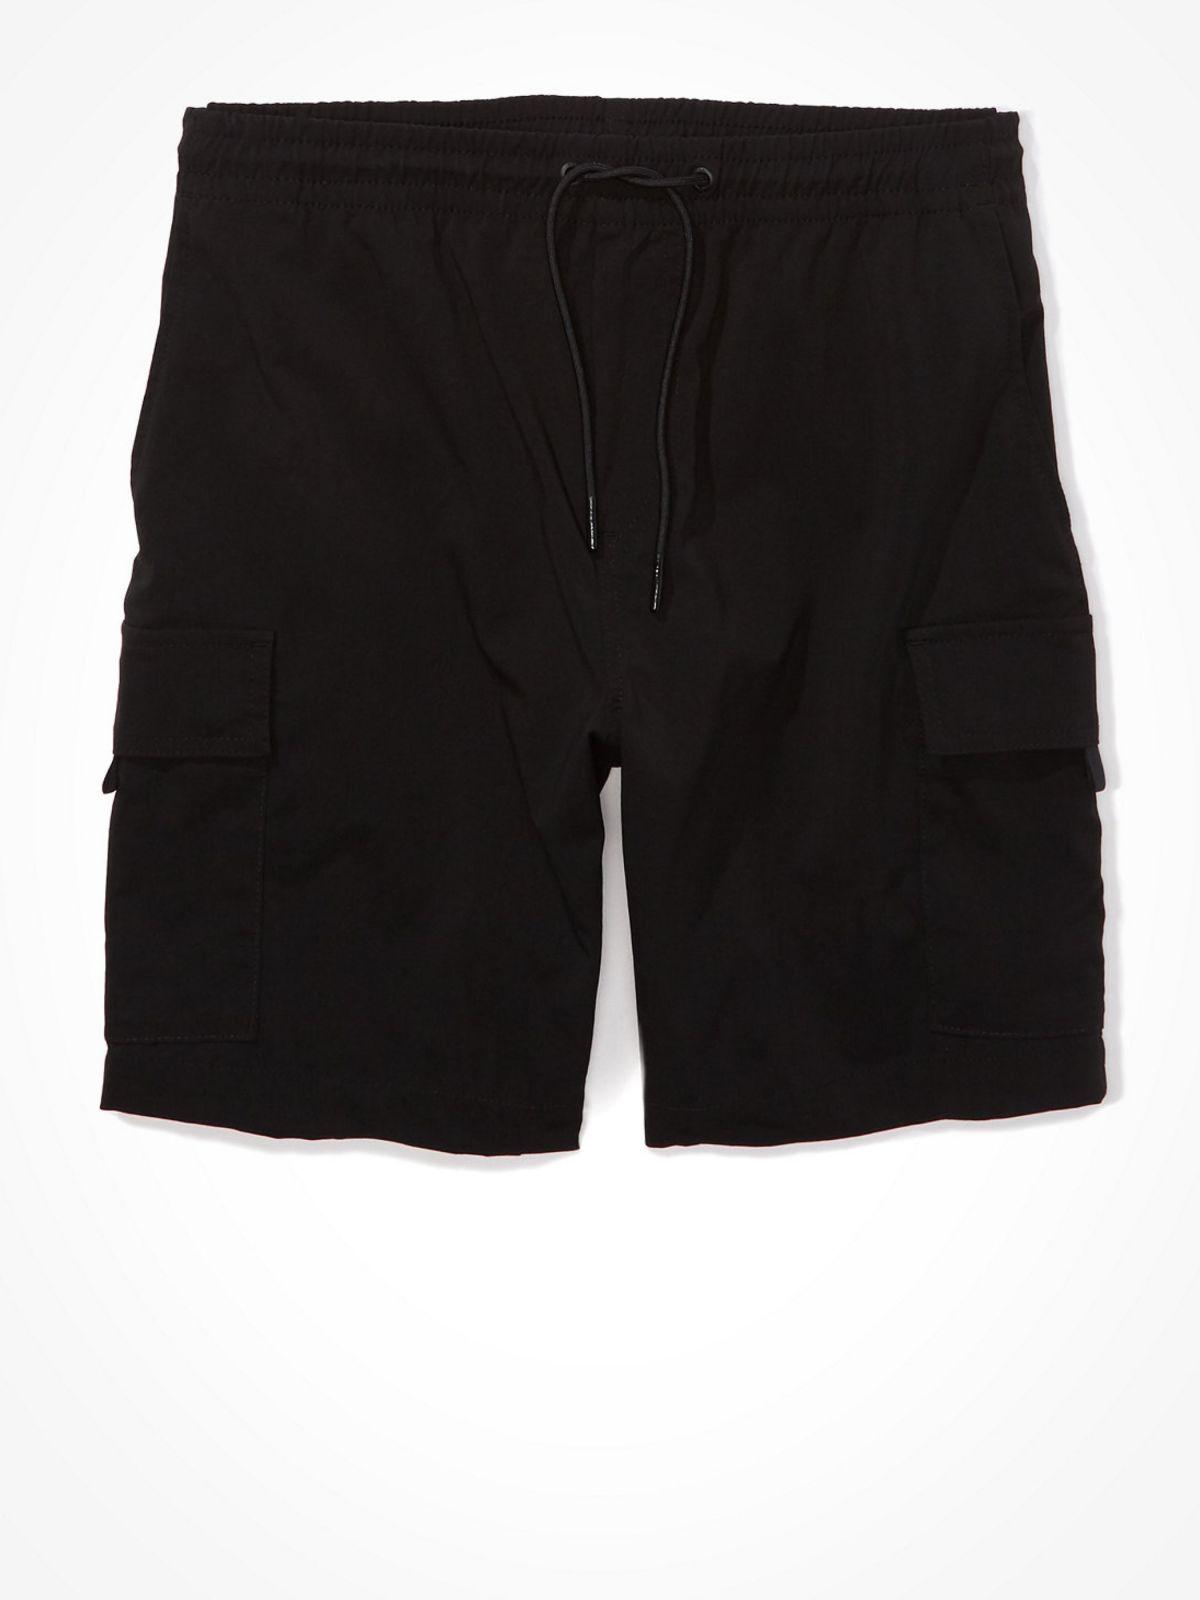 מכנסיים קצרים בשילוב כיסים / גבריםמכנסיים קצרים בשילוב כיסים / גברים של AMERICAN EAGLE